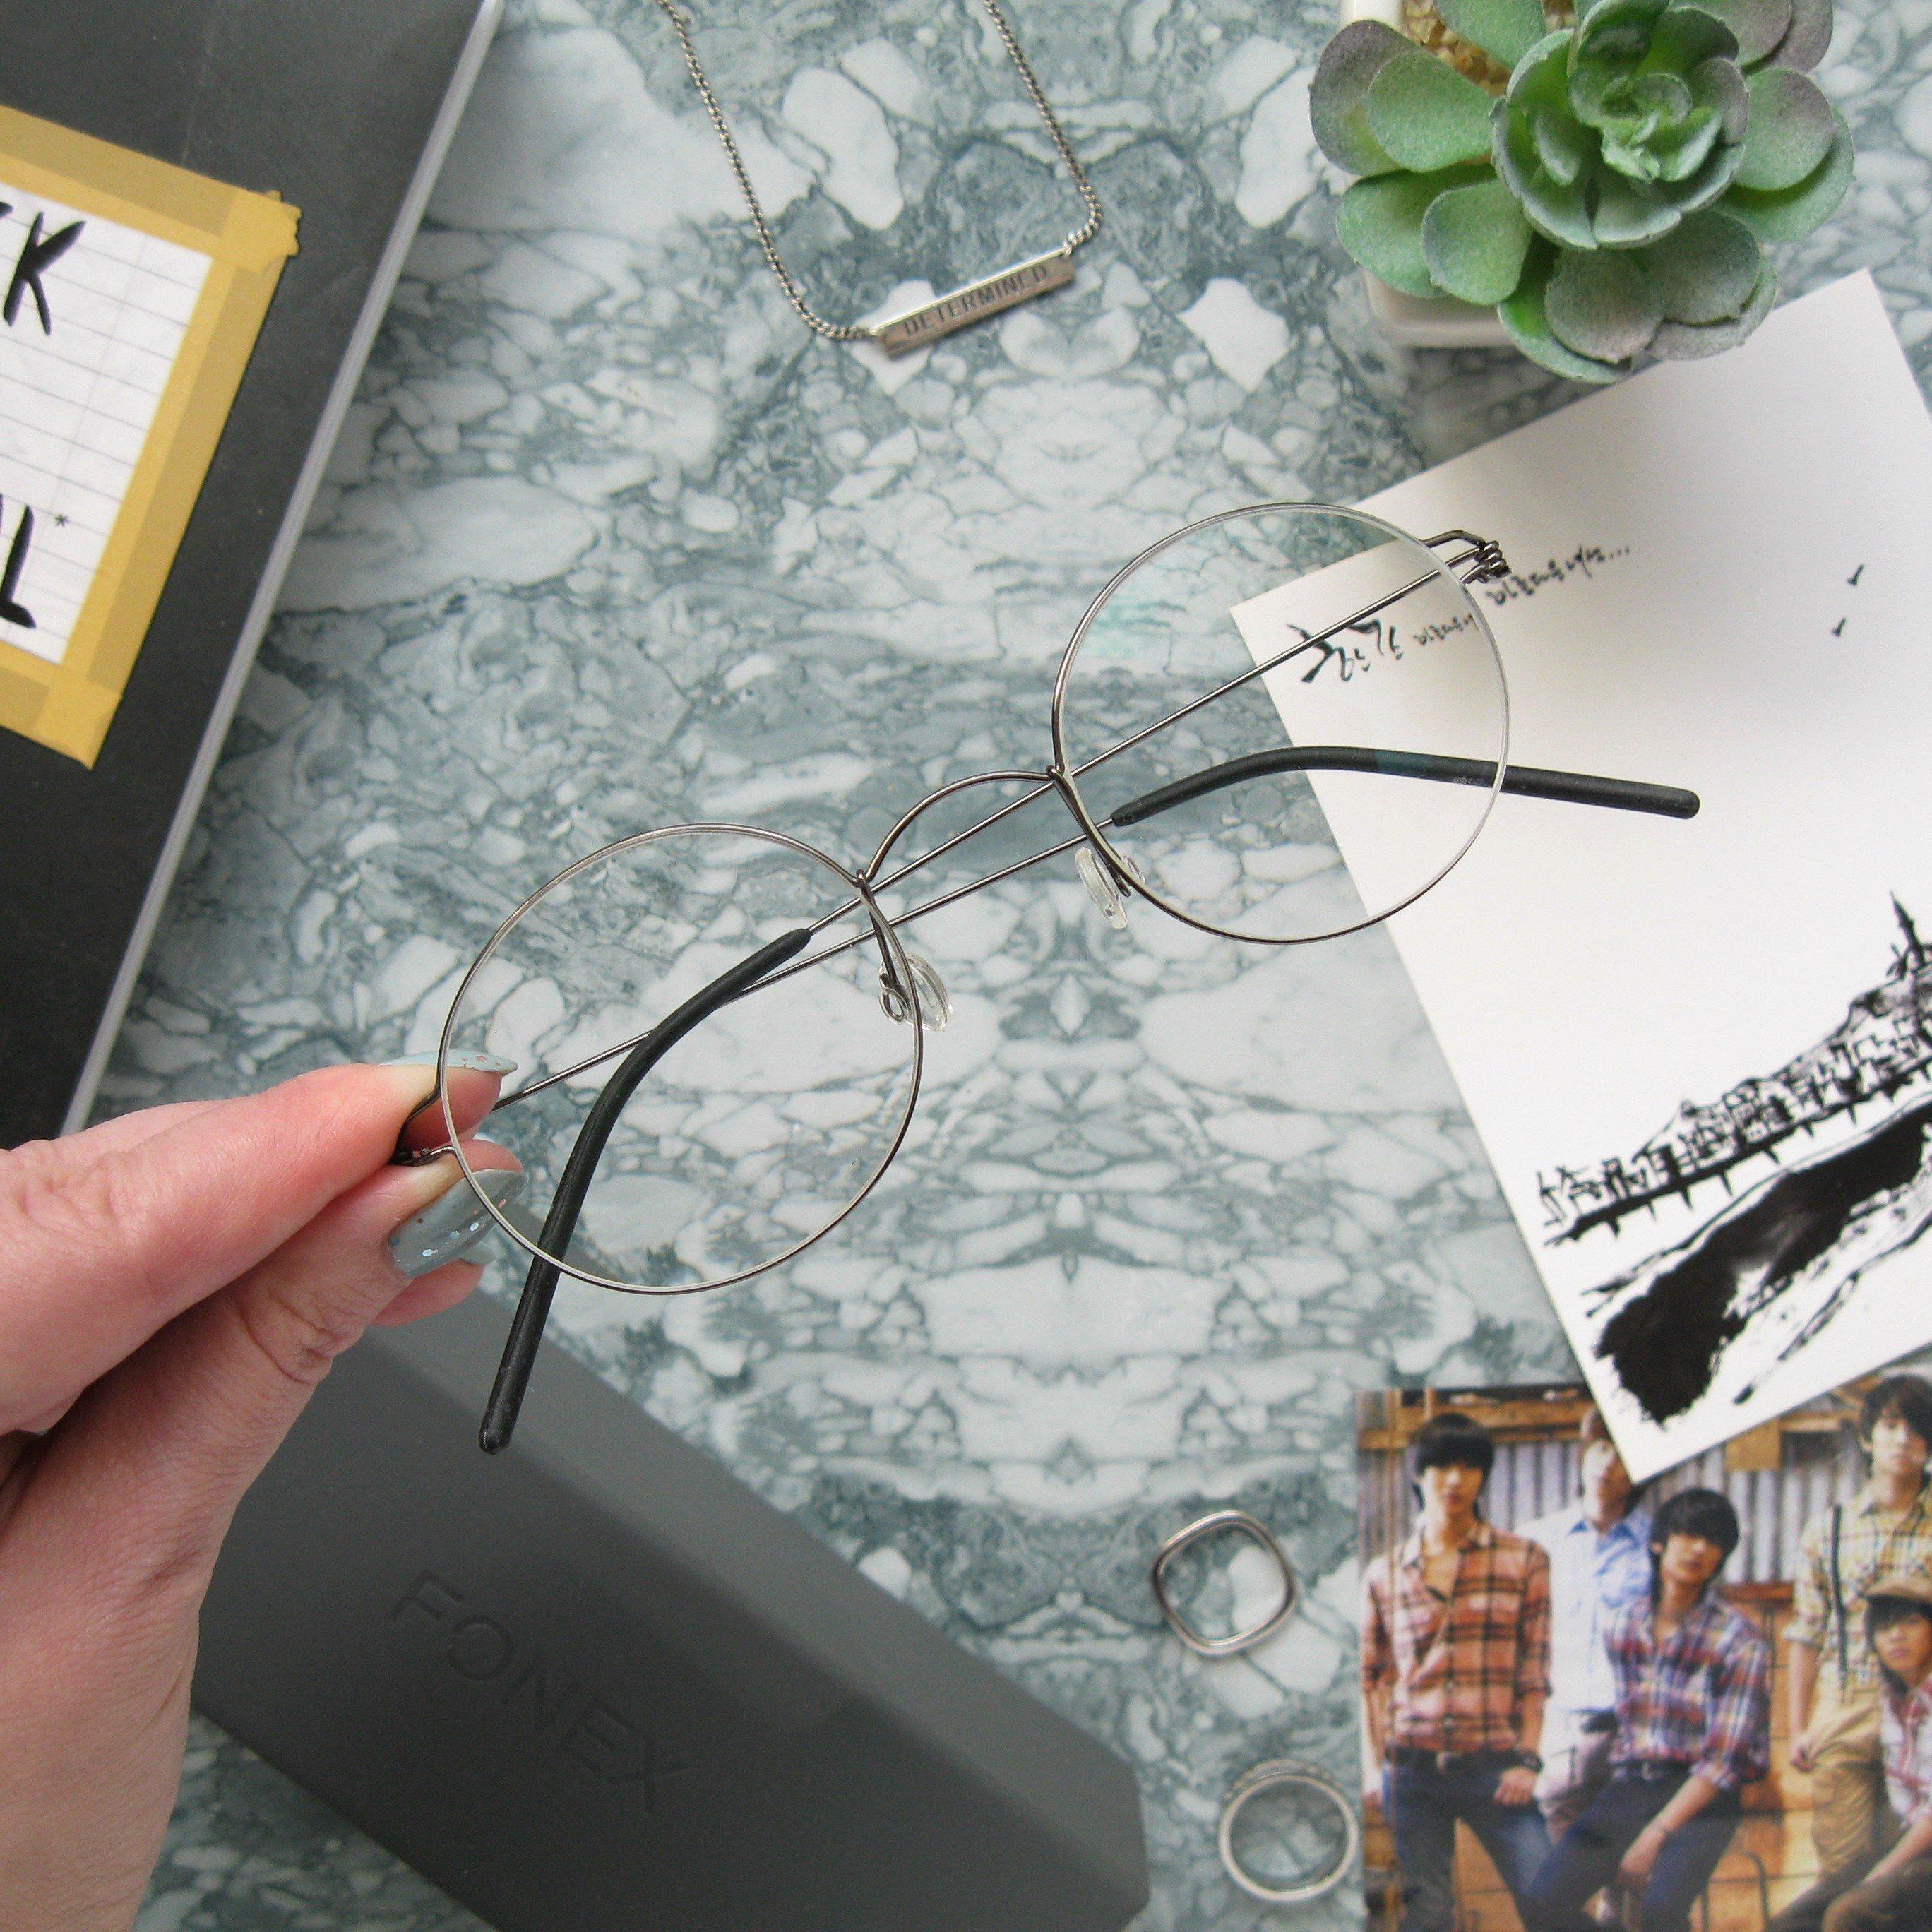 Безвинтовые очки с диоптриями в корейском стиле.